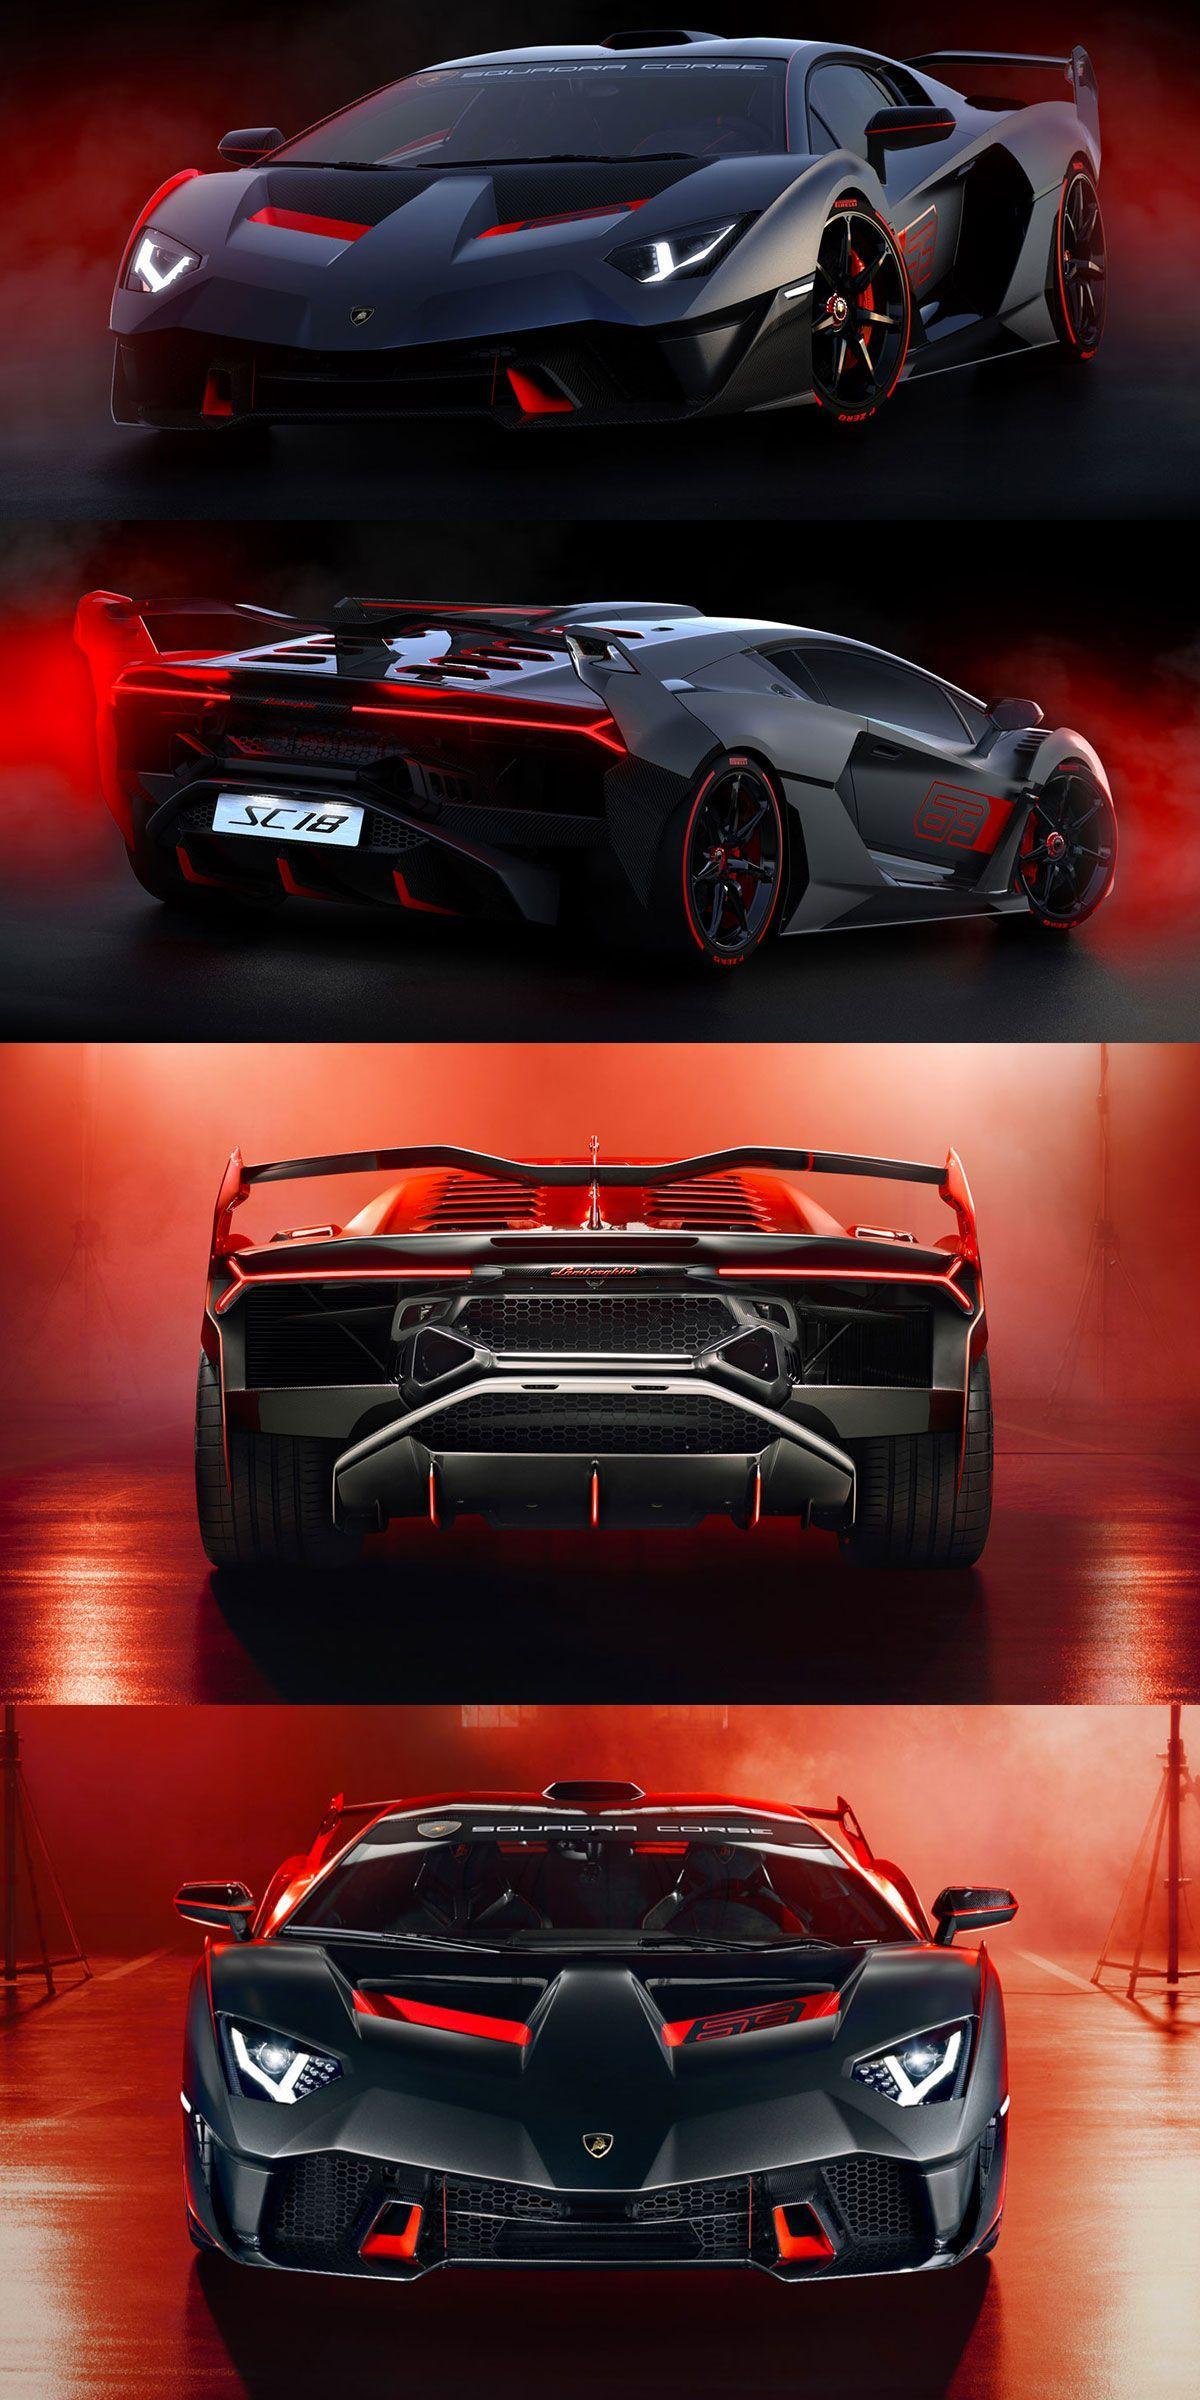 Lamborghini Squadra Corse Sc18 One Off Lamborghini Sc18 Lamborghinisc18 Supercar Supercars V12 Hyperc Lamborghini Veneno Sports Cars Luxury Super Cars